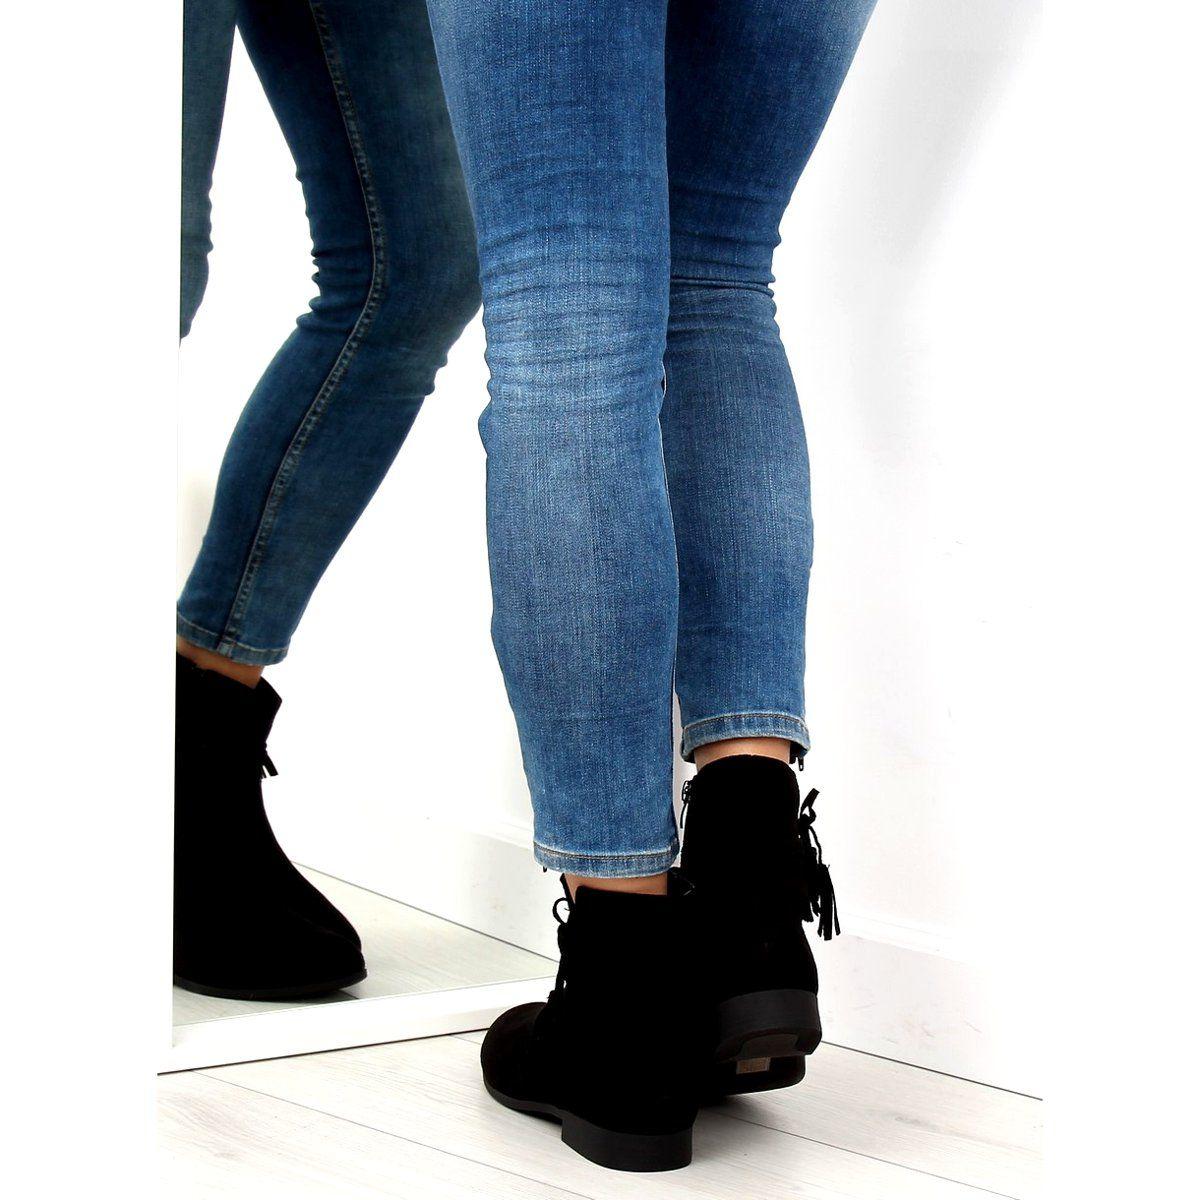 Botki Zamszowe Czarne Ll022 Black Skinny Jeans Fashion Skinny